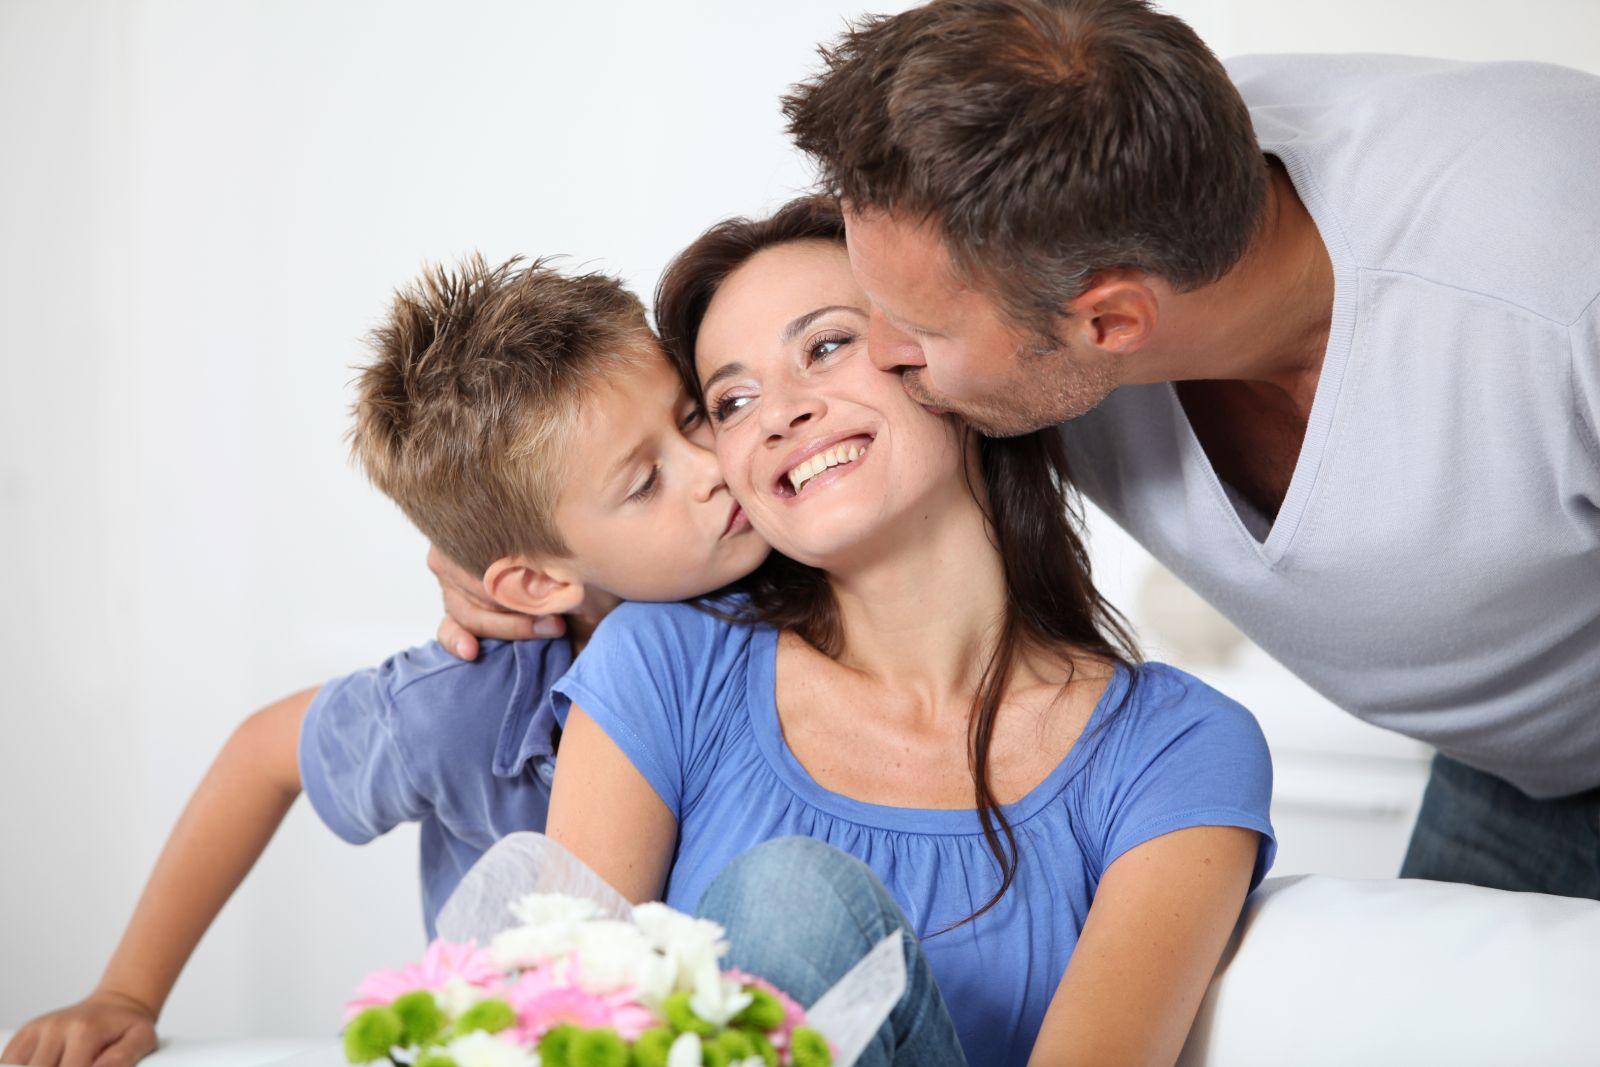 Счастливая семейная жизнь матери и сына 14 фотография